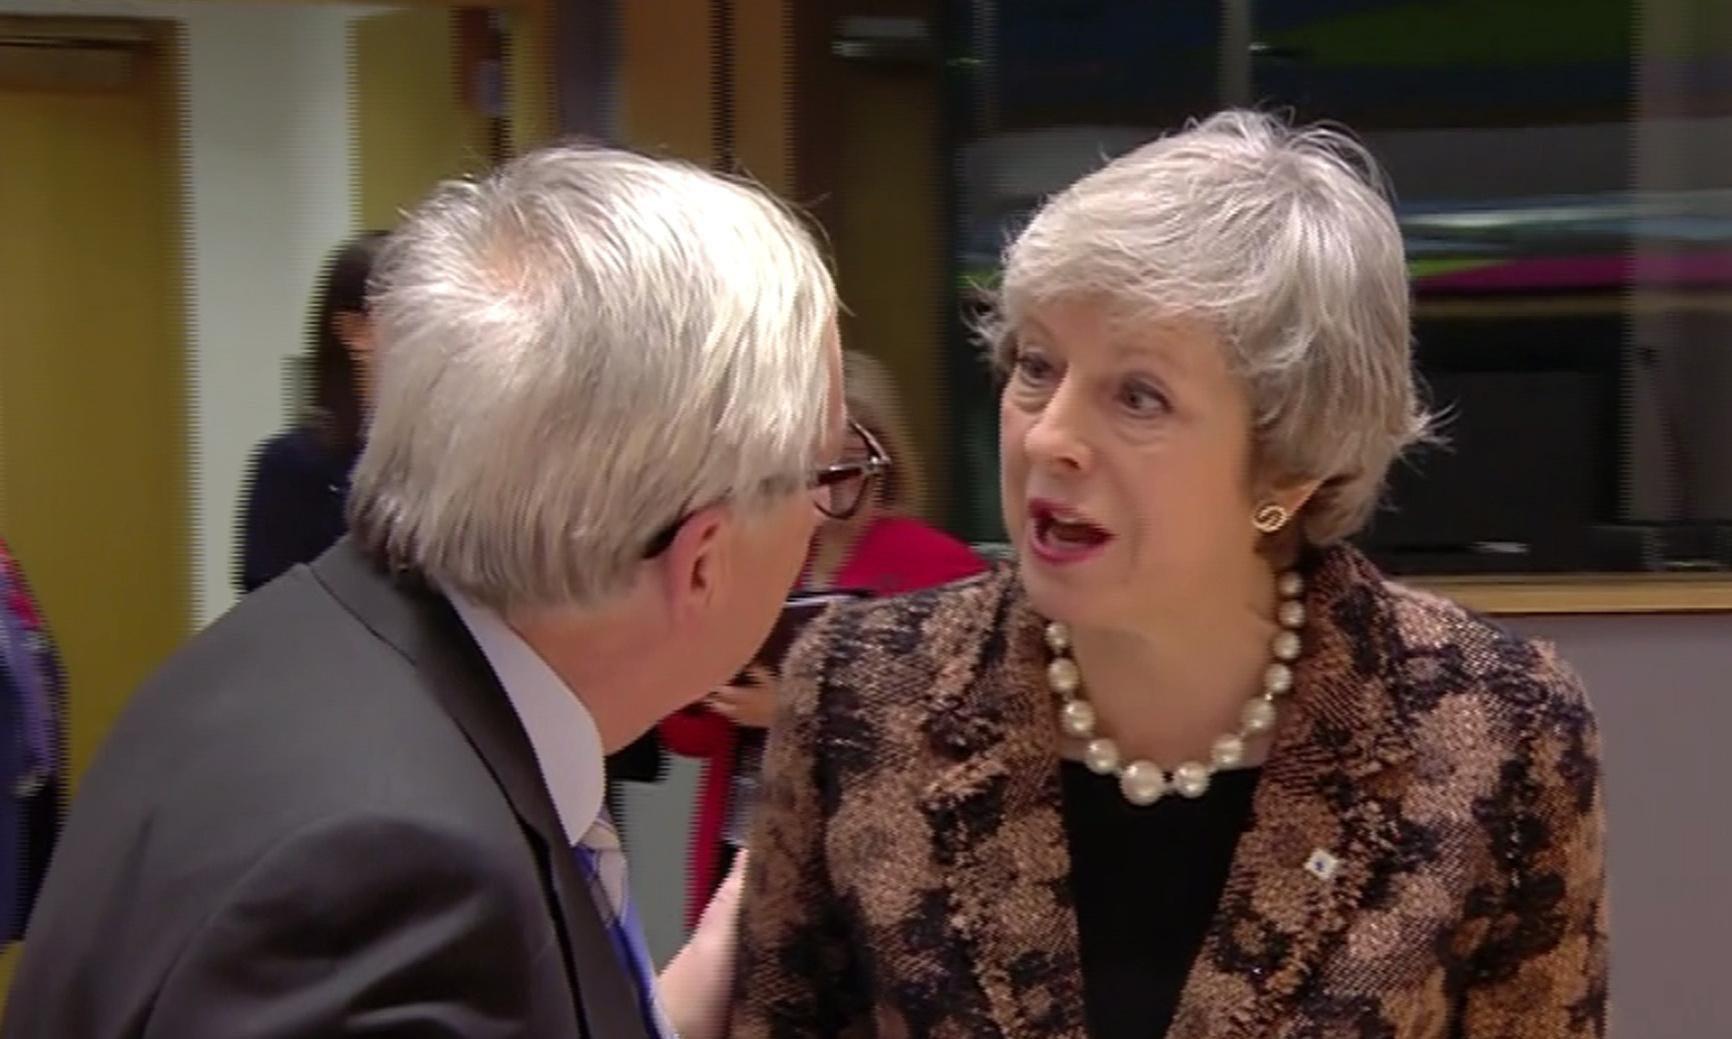 영국 총리와 EU 집행위원장의 '격한 대화'가 카메라에